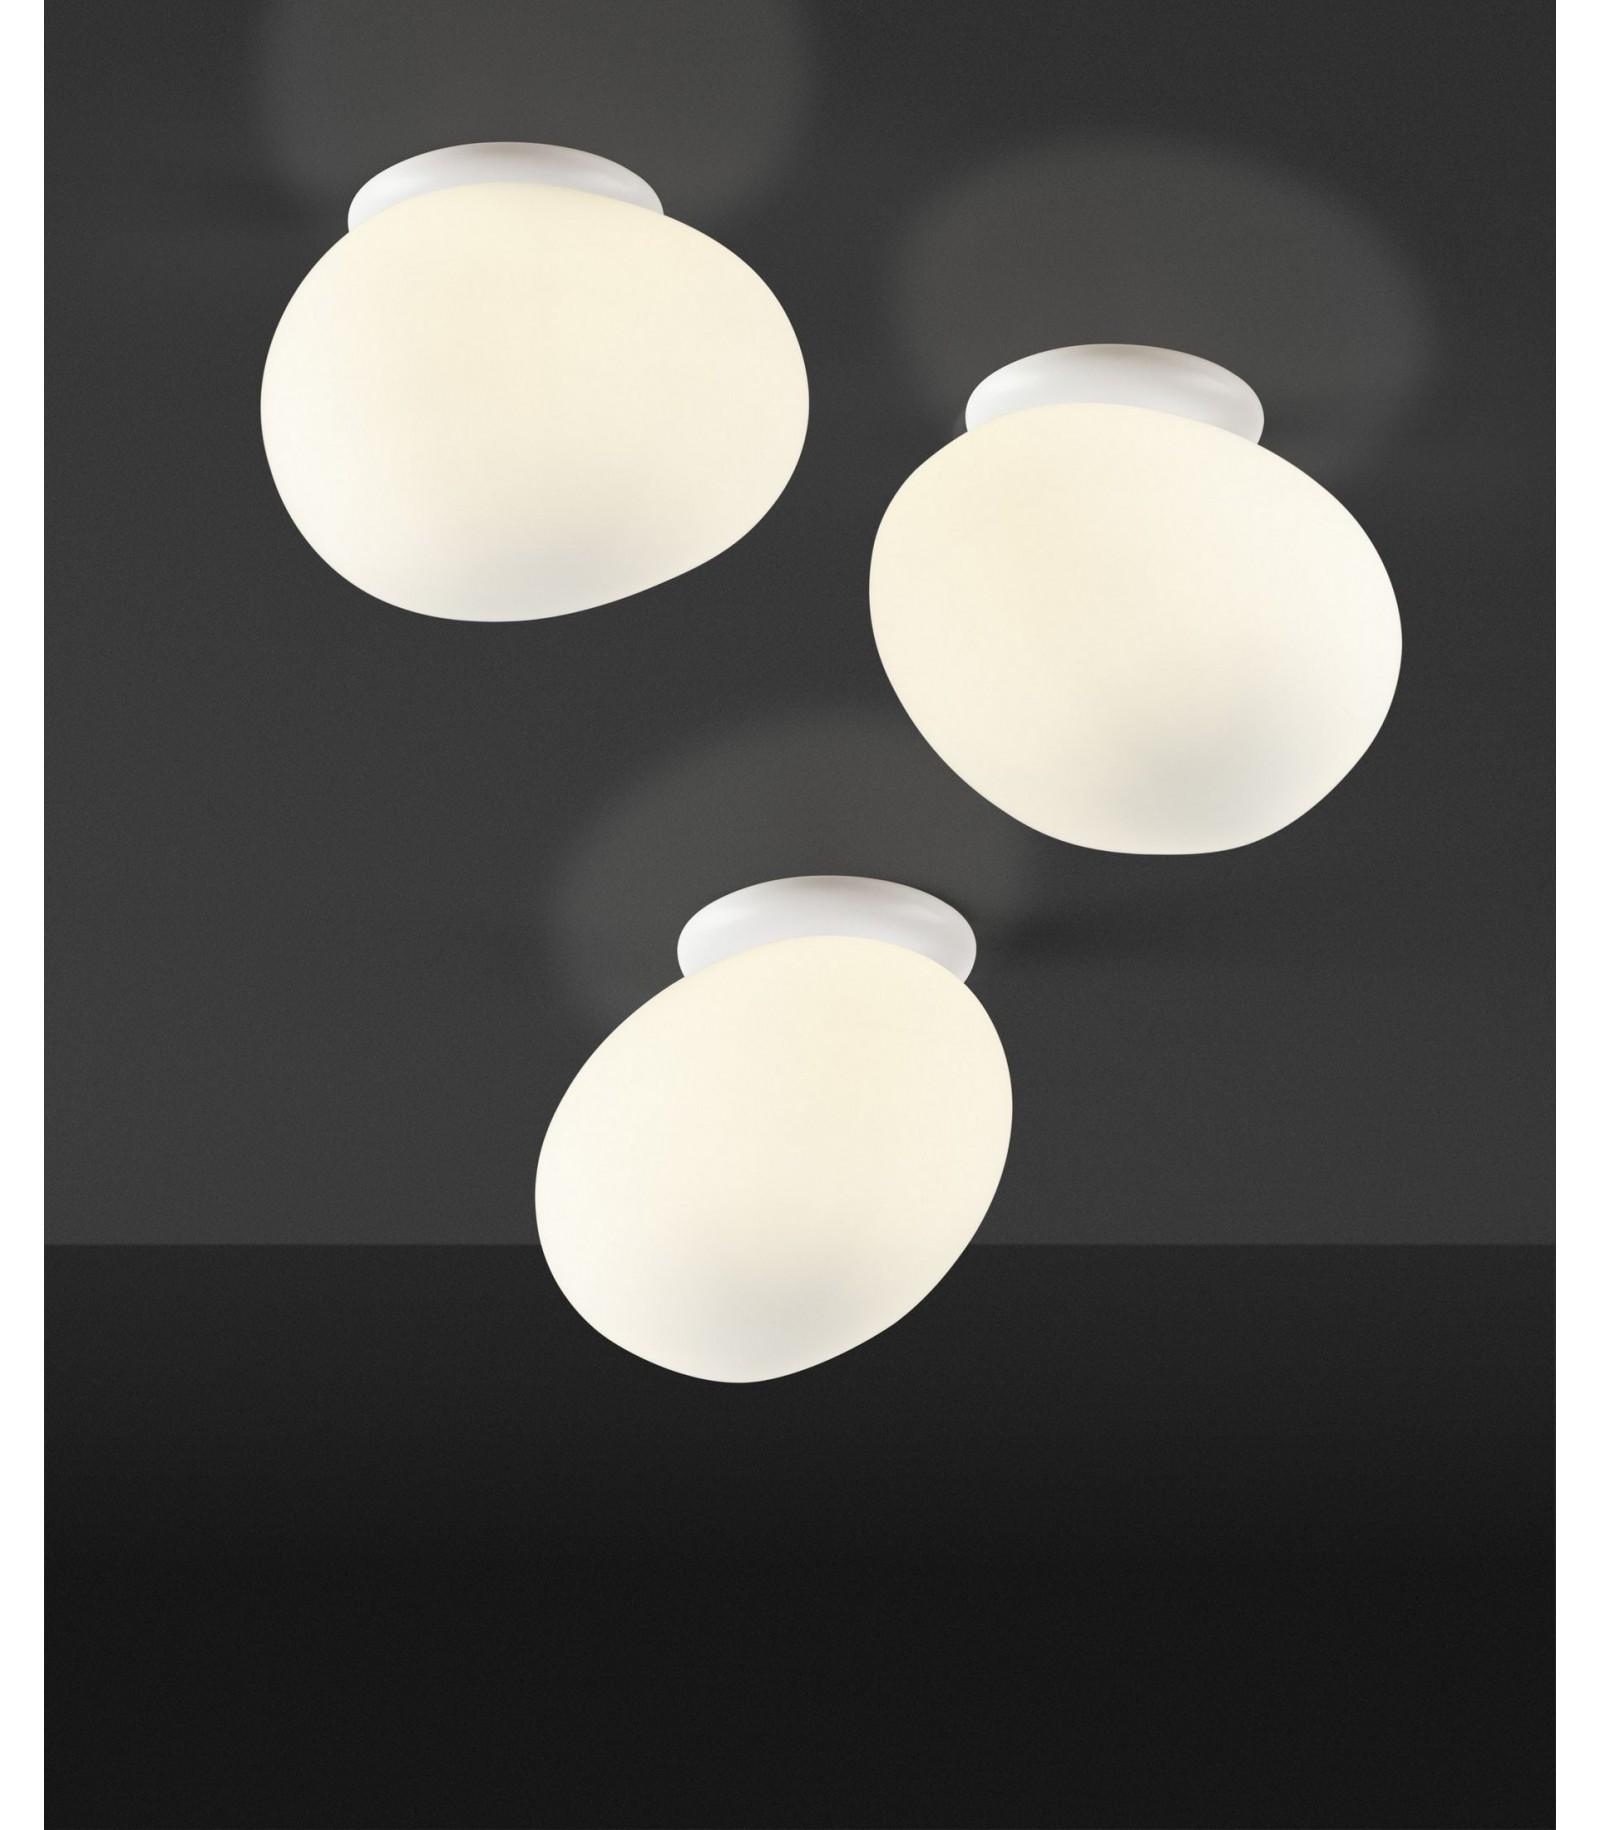 Lampada a soffitto gregg foscarini for Lampade a soffitto